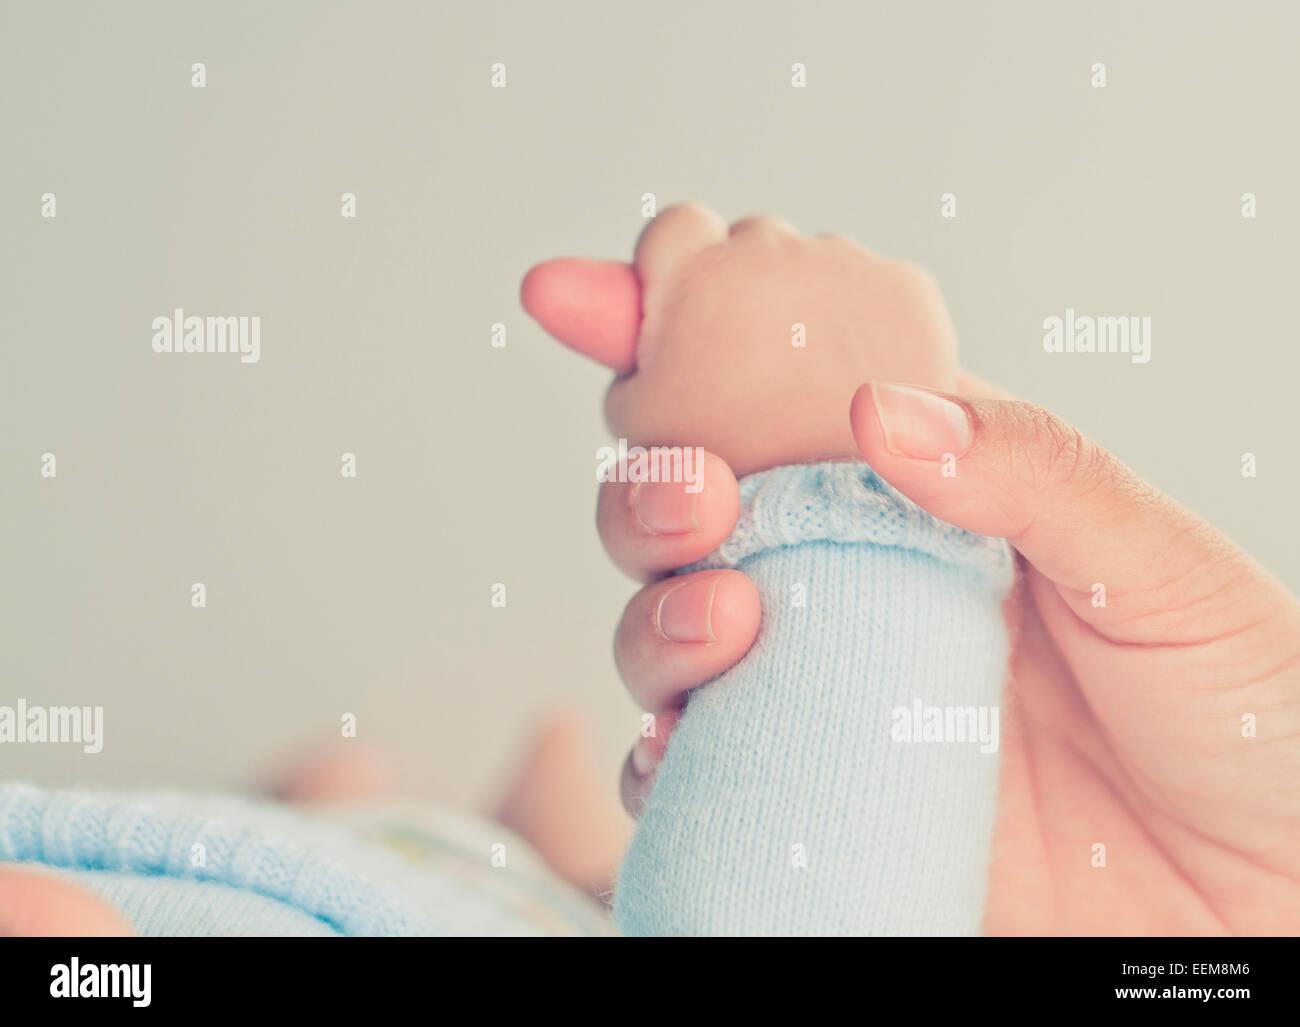 La madre la mano que sostiene la mano de bebé Imagen De Stock